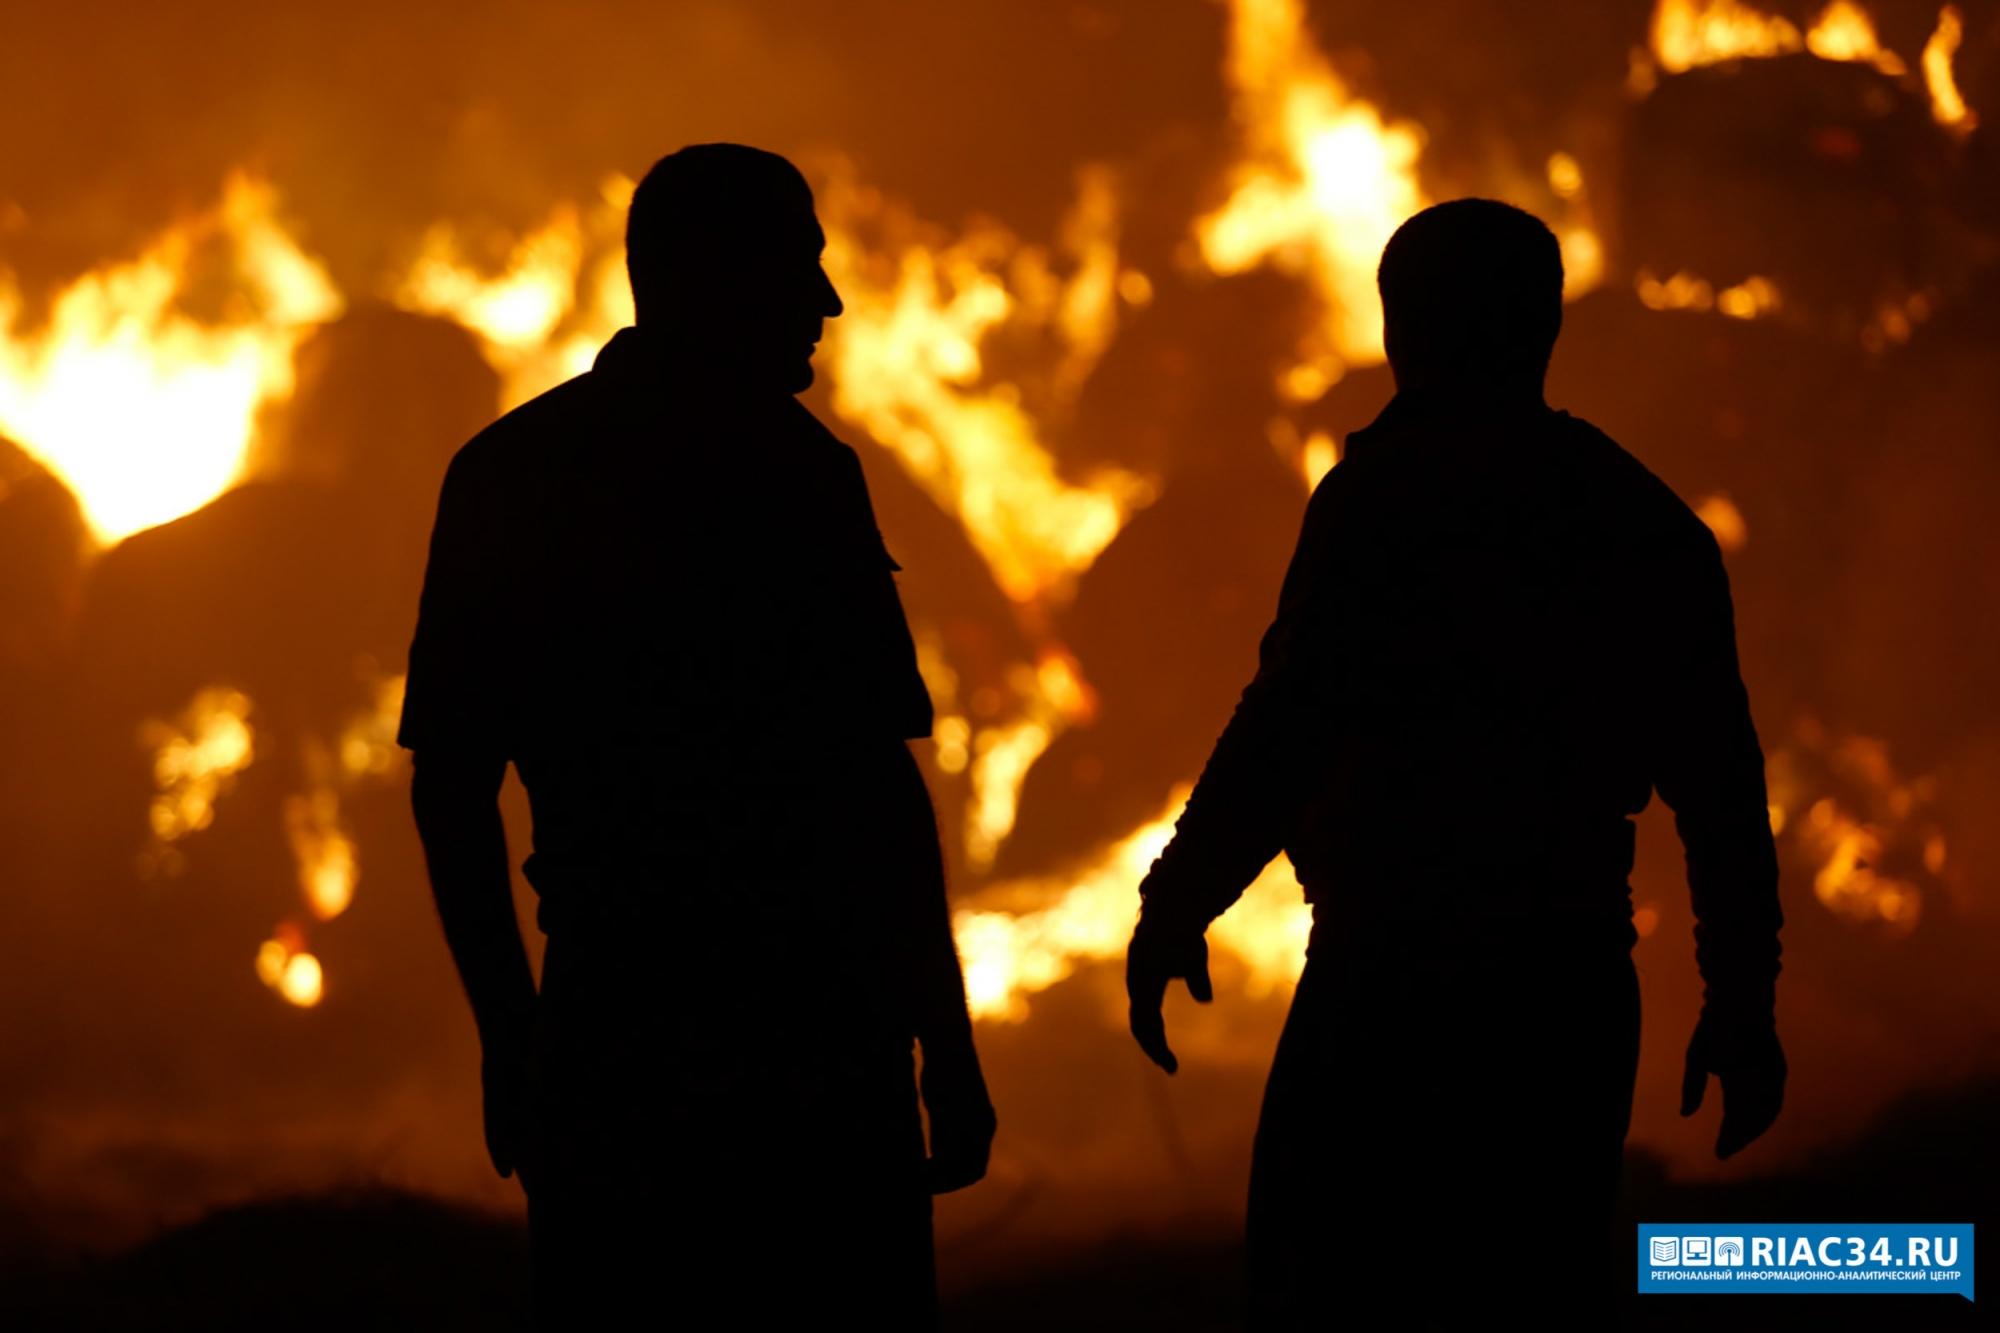 ВВолгоградской области впожаре впятиэтажном доме умер тридцатидевятилетний мужчина